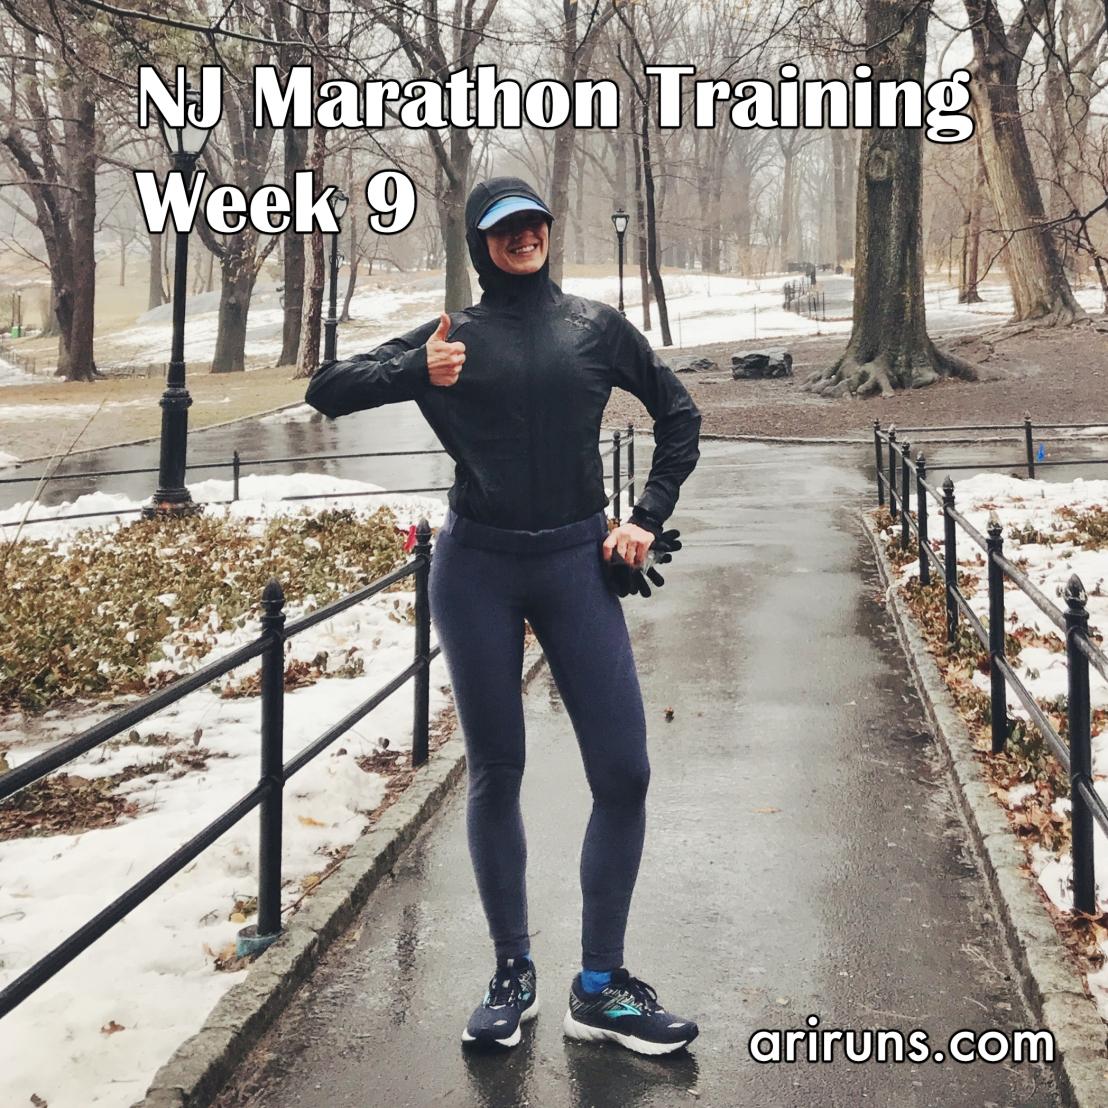 IMG_3262 NJ Marathon Training Week 9